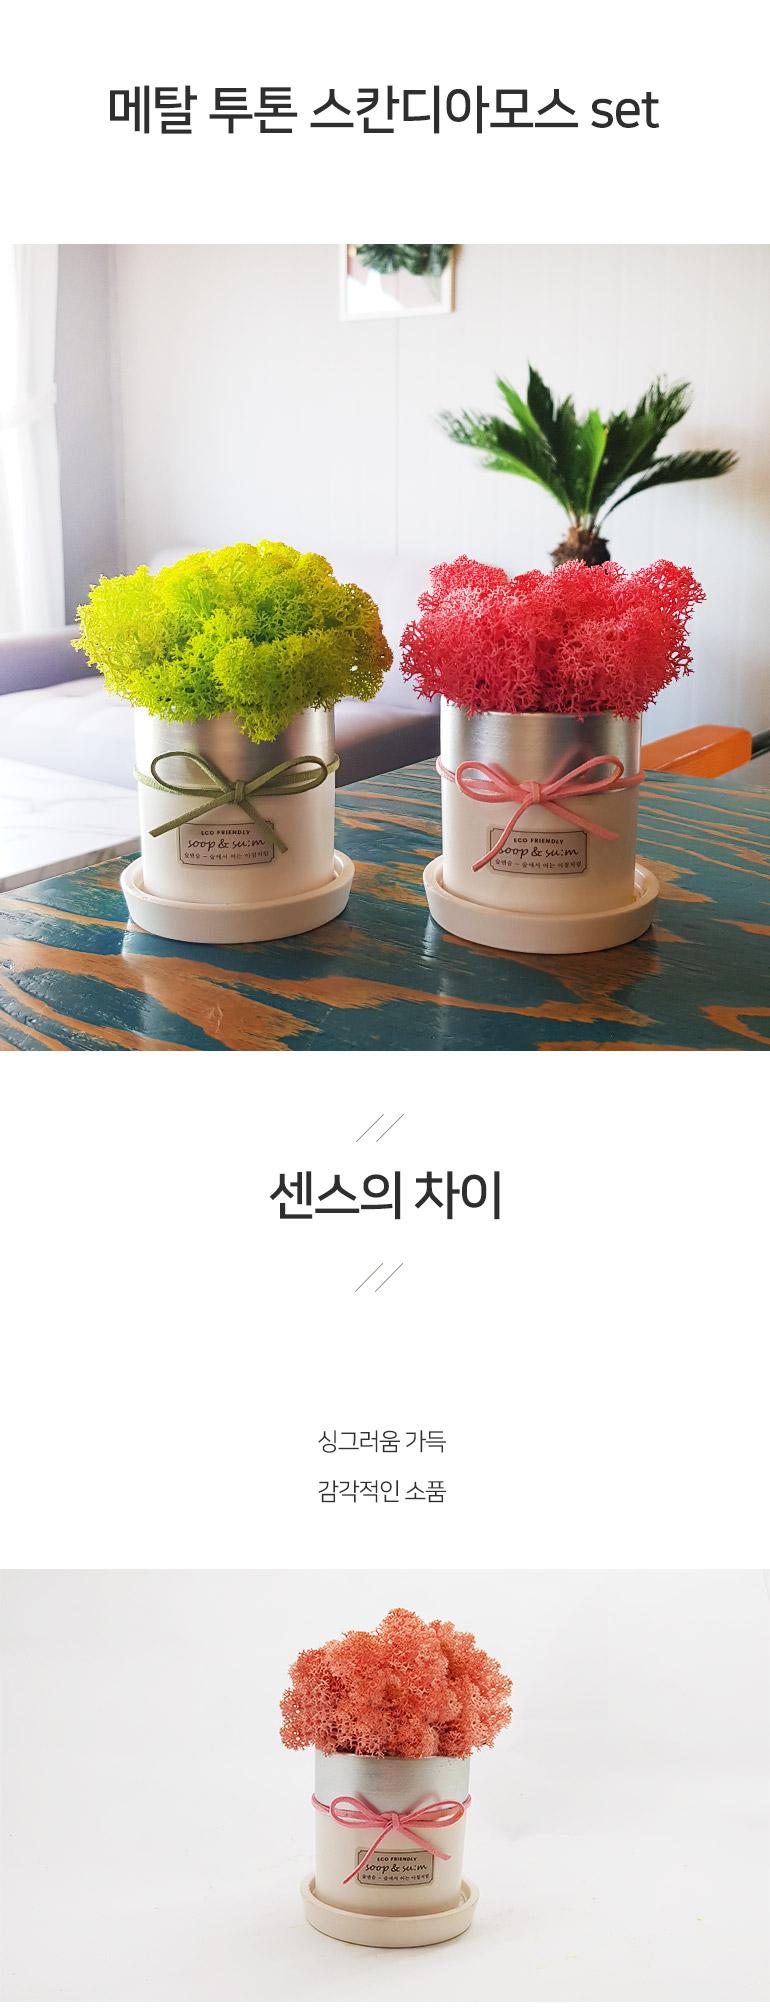 숲앤숨 메탈투톤 스칸디아모스 화분set - 숲앤숨, 13,050원, 허브/다육/선인장, 공기정화식물